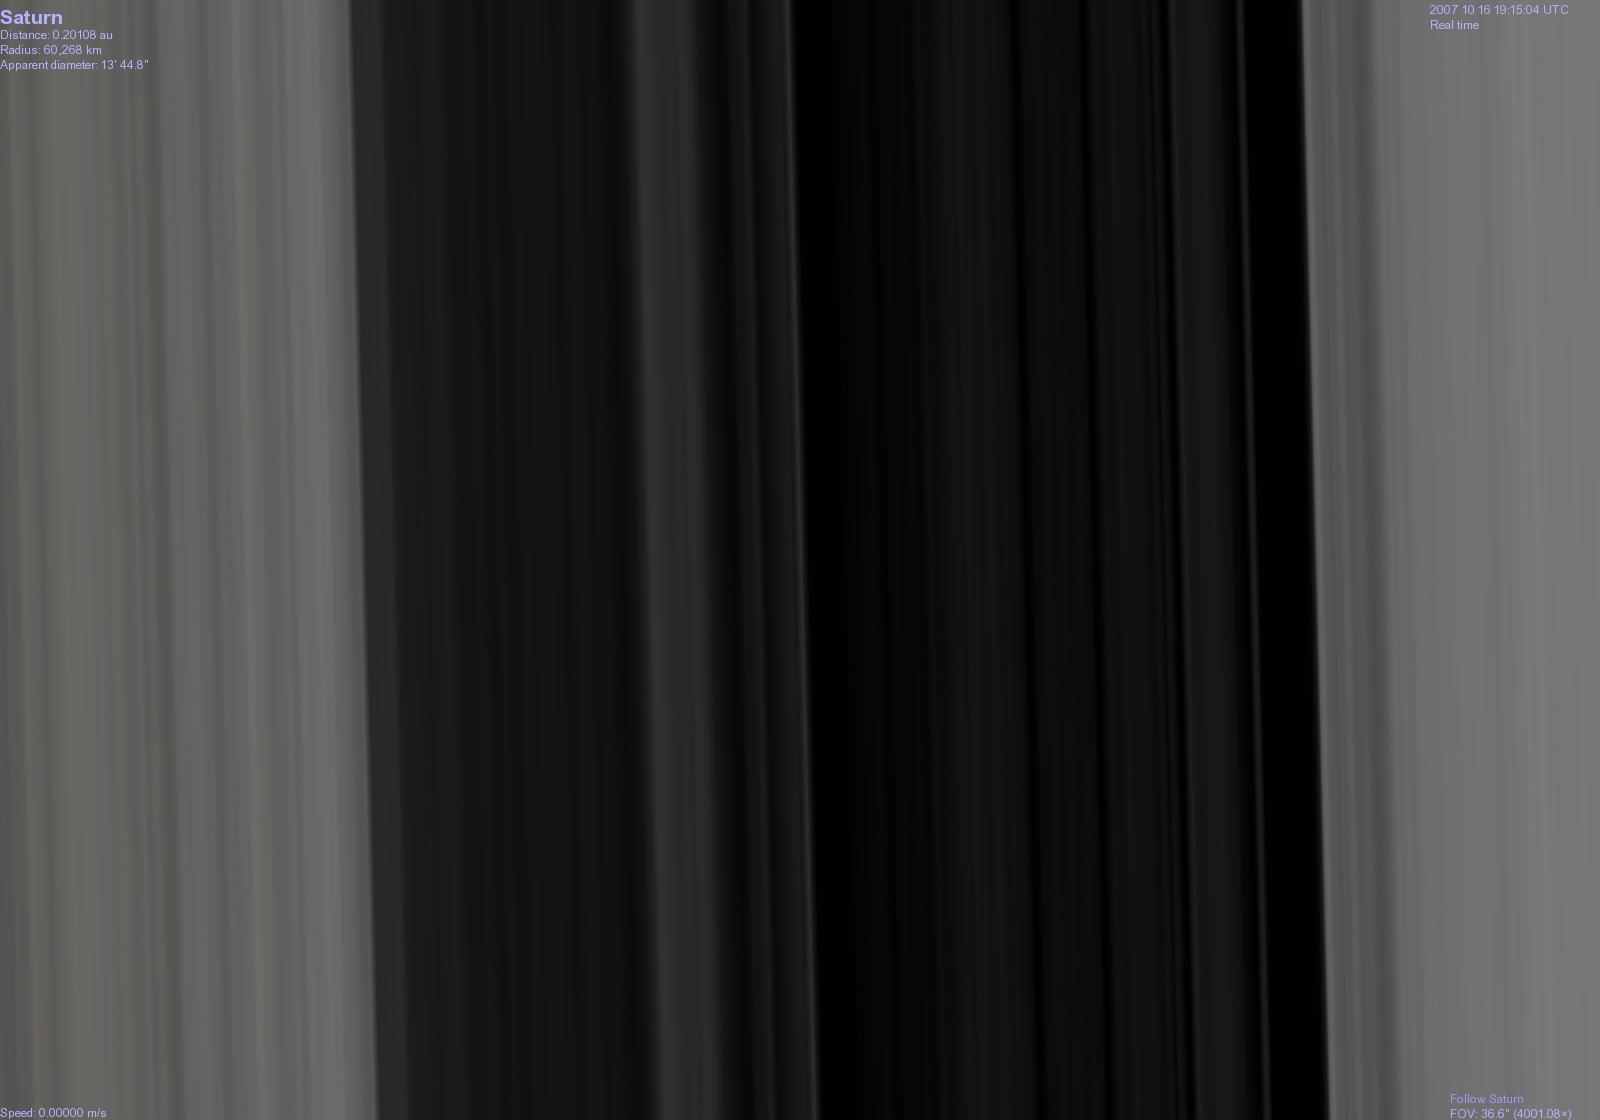 Saturn's Rings - Celestia Users - Celestia Forums